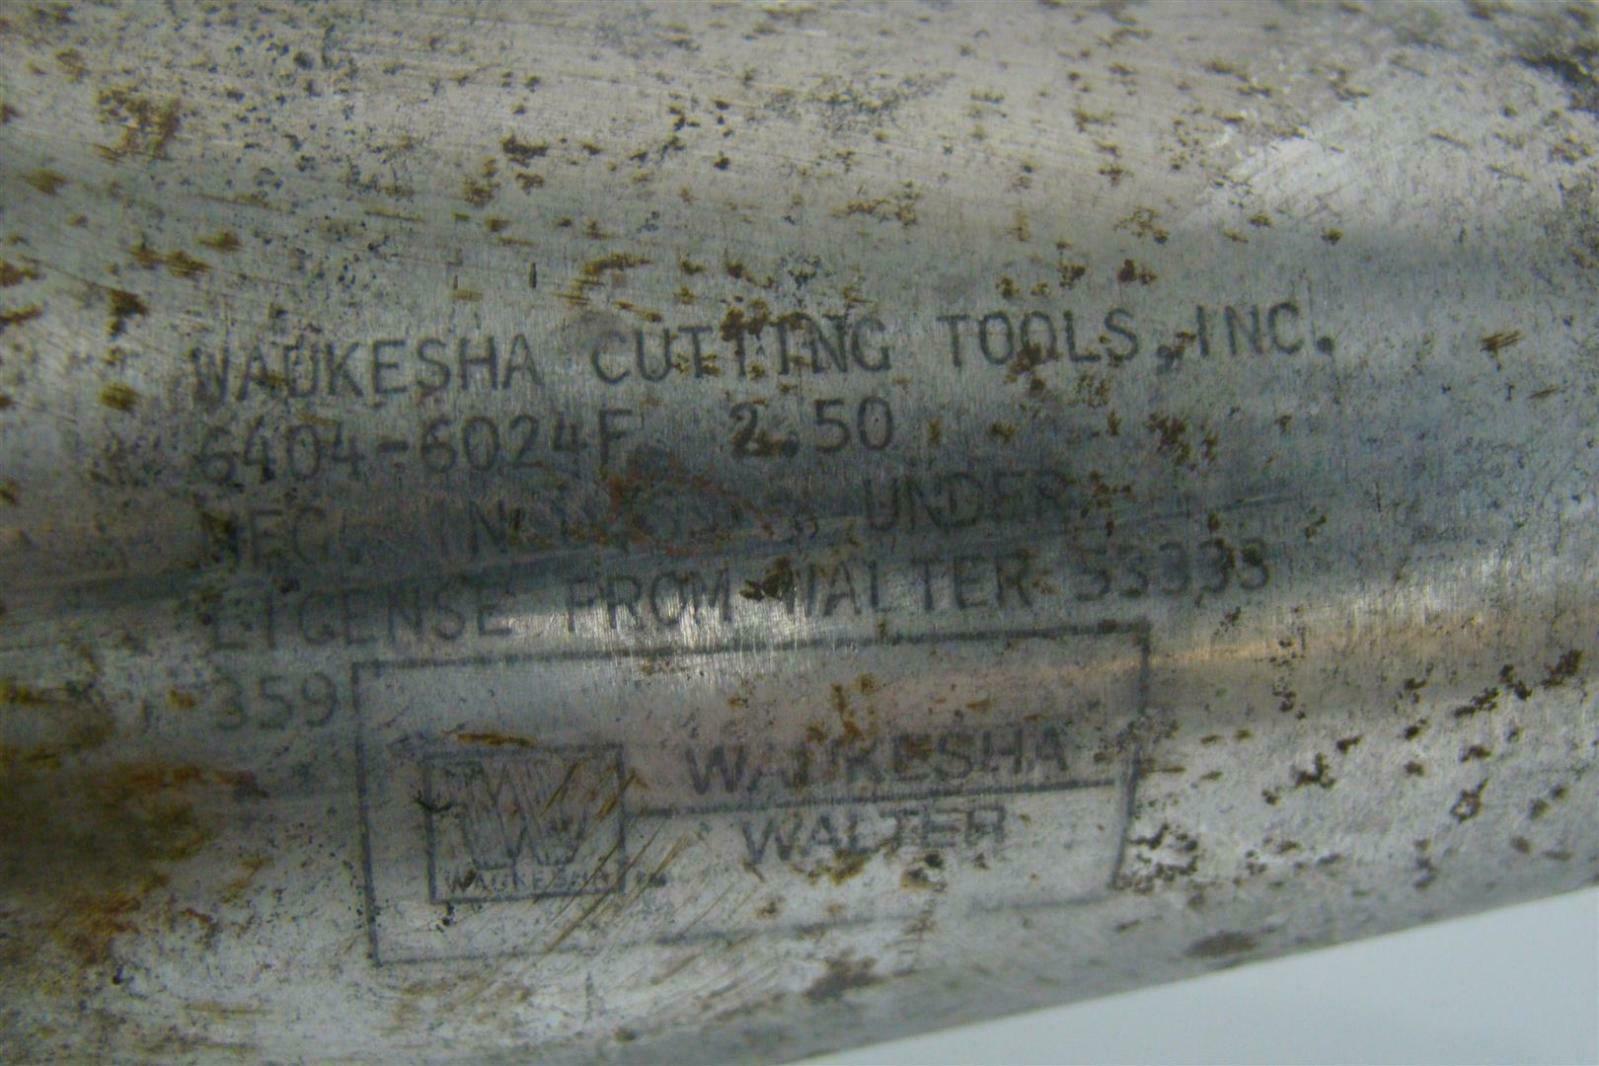 waukesha machine tool